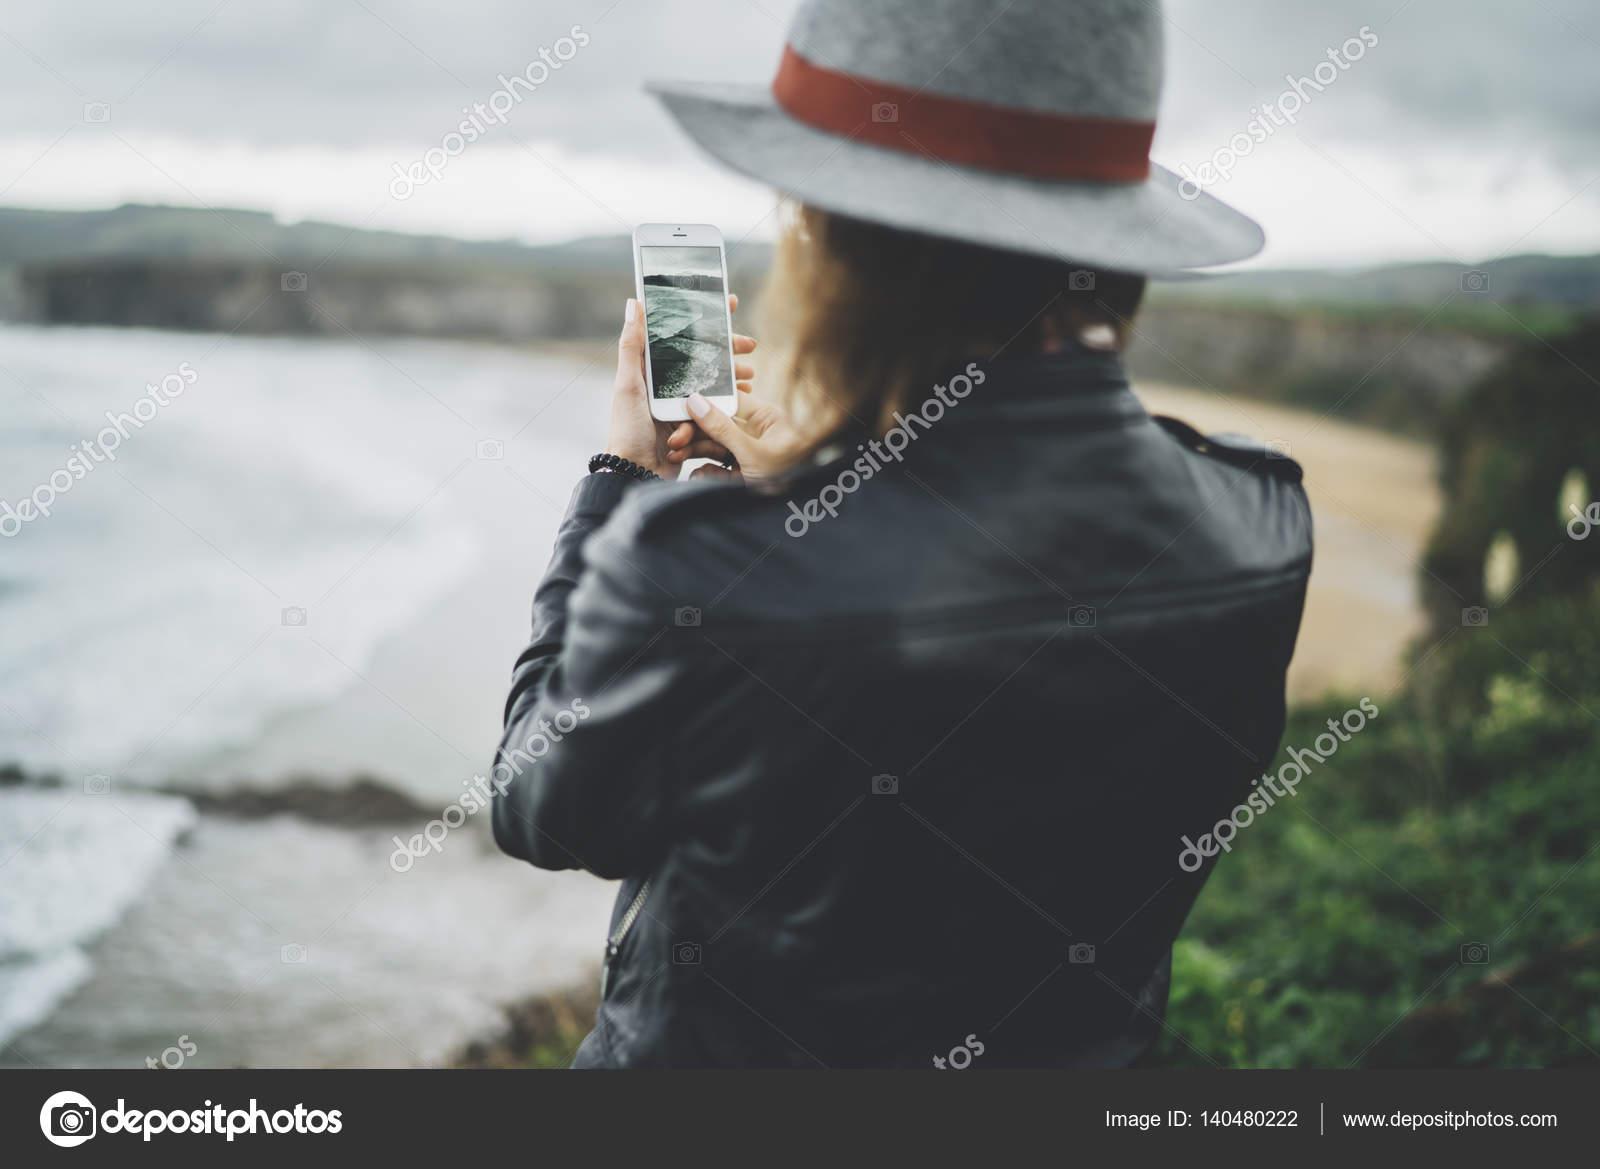 Stok Fotoğrafçılığı ve Depositphotos